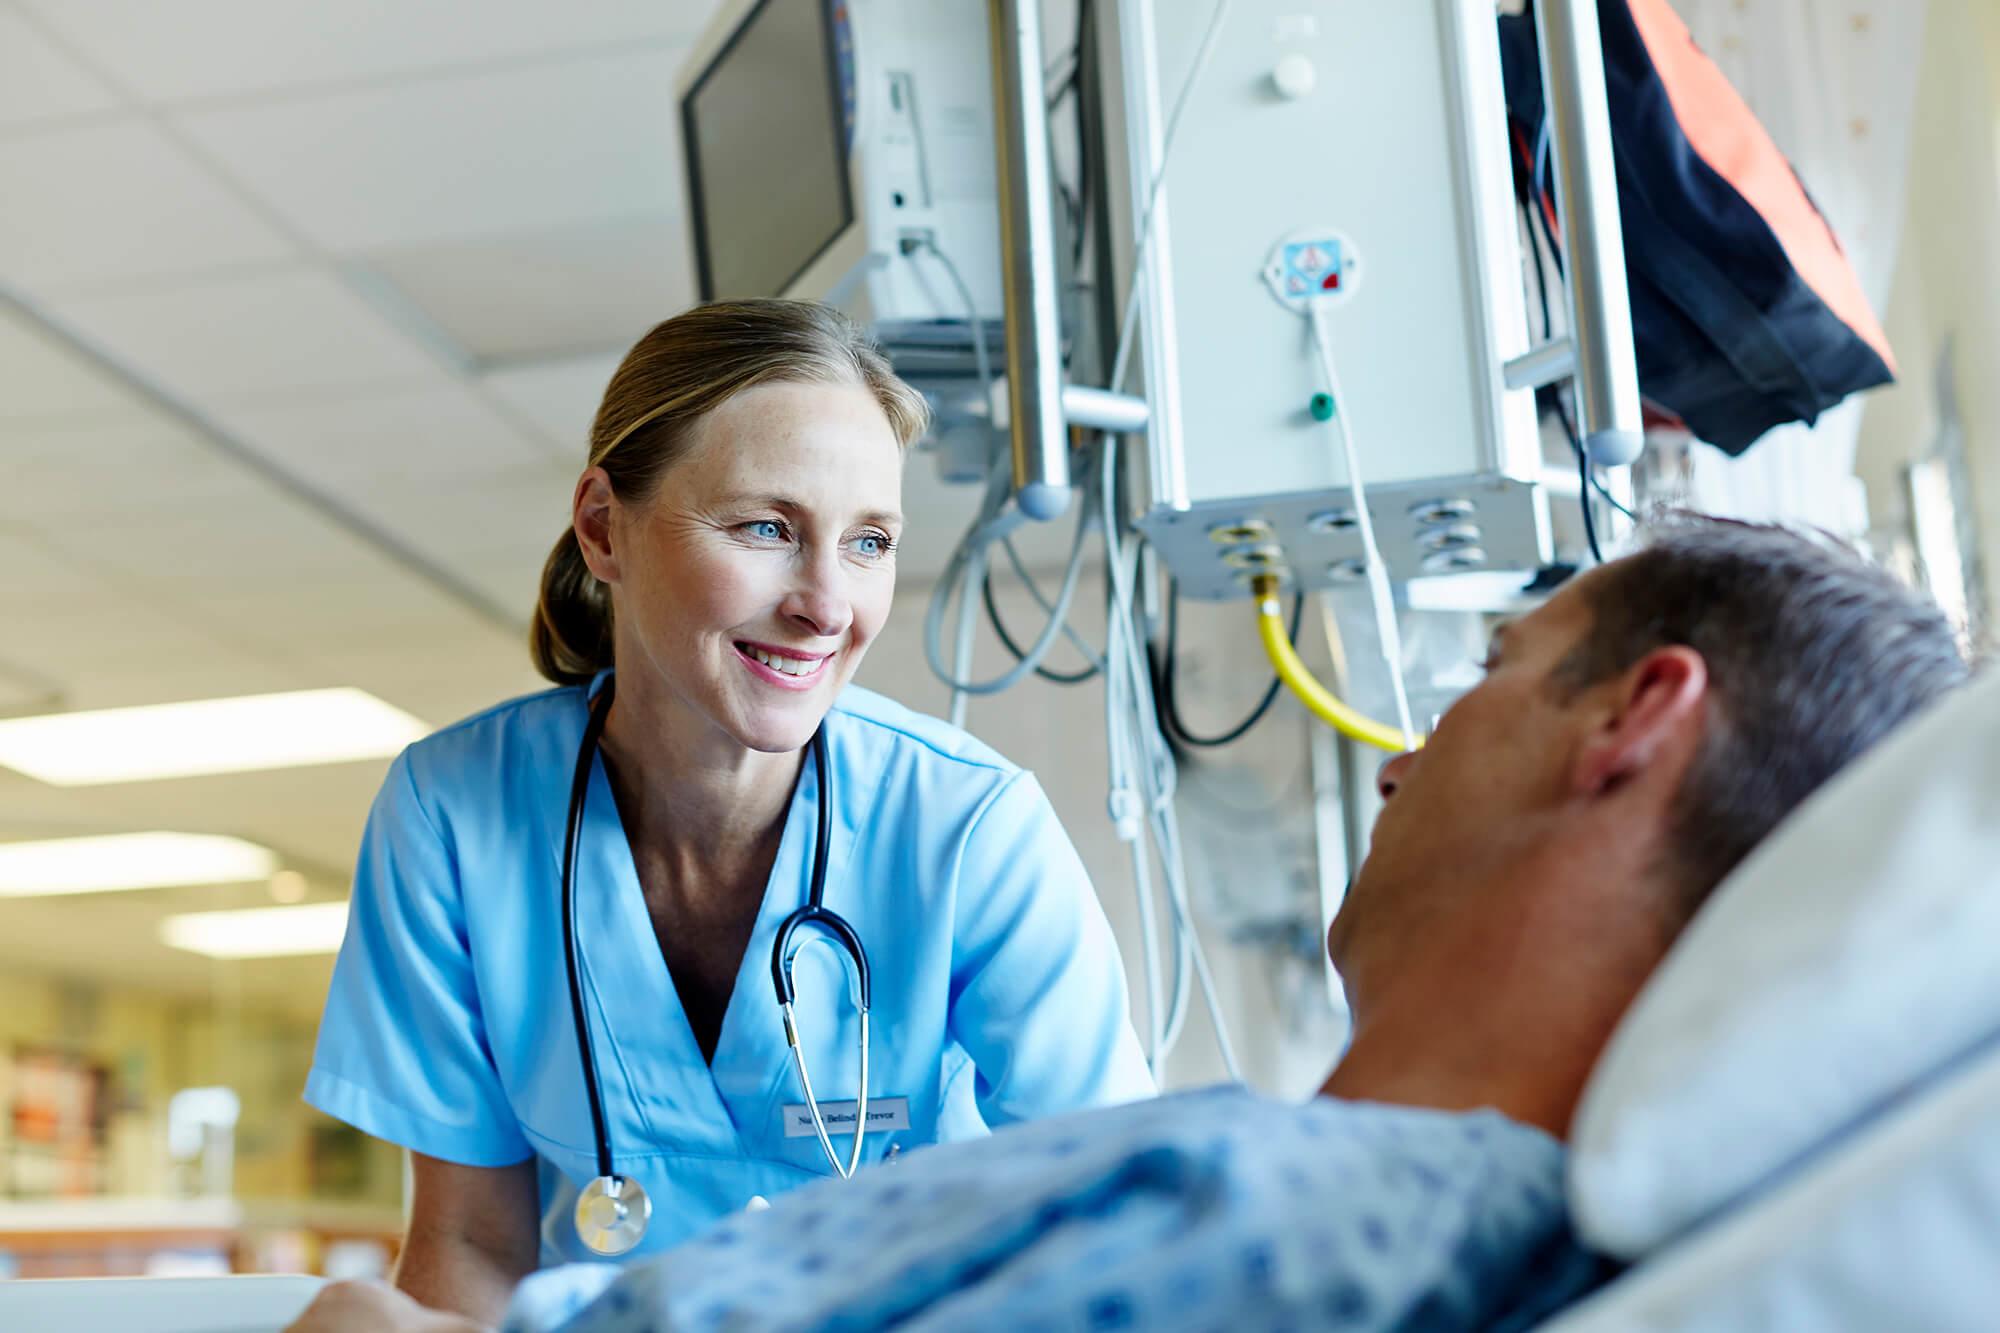 Κορωνοϊός μόλυνση: Χαμηλό το ποσοστό σε όσους λαμβάνουν ογκολογική θεραπεία